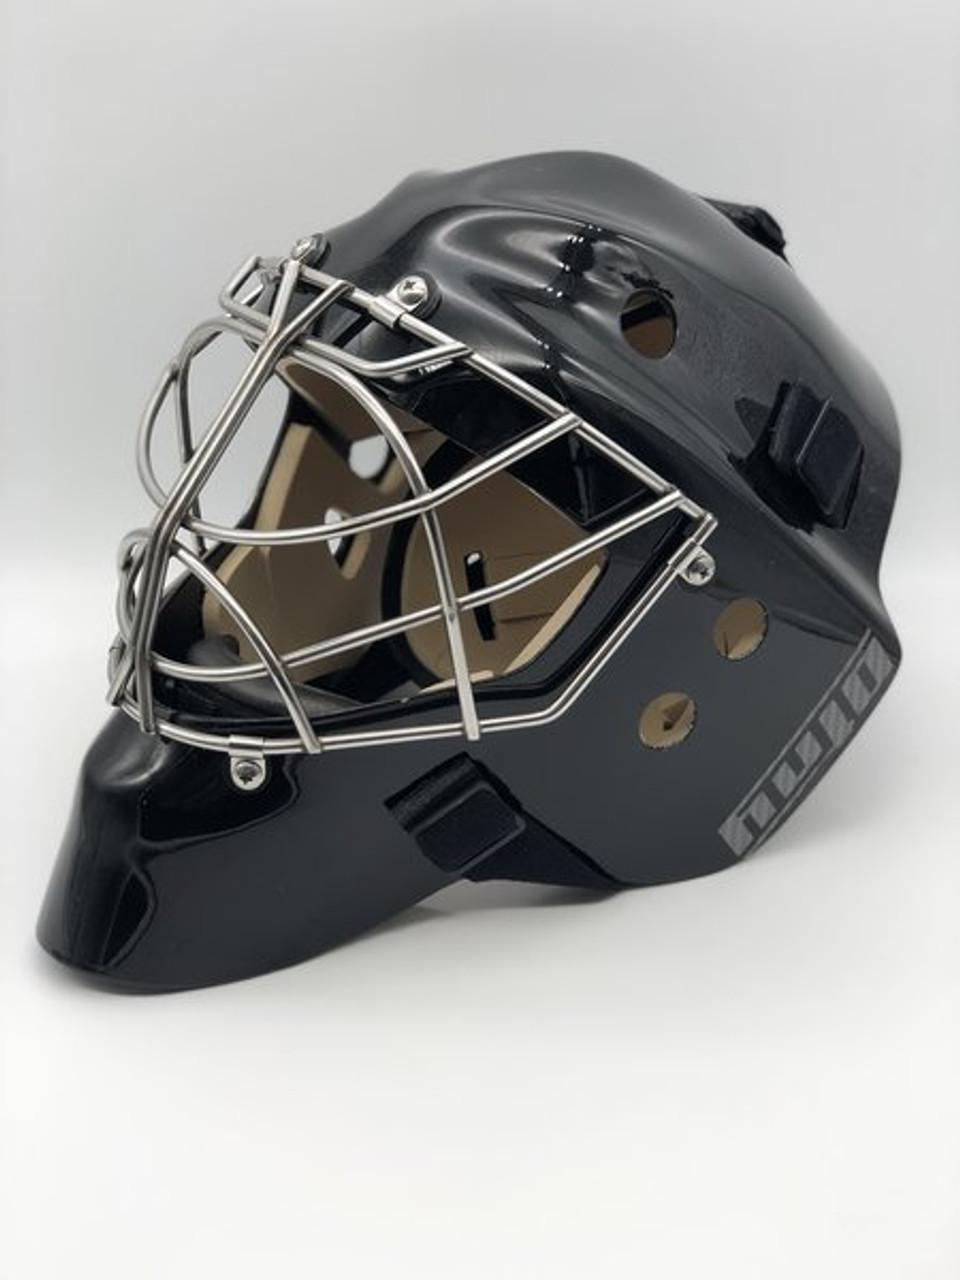 OTNY Senior Kevlar Goalie Mask - Black